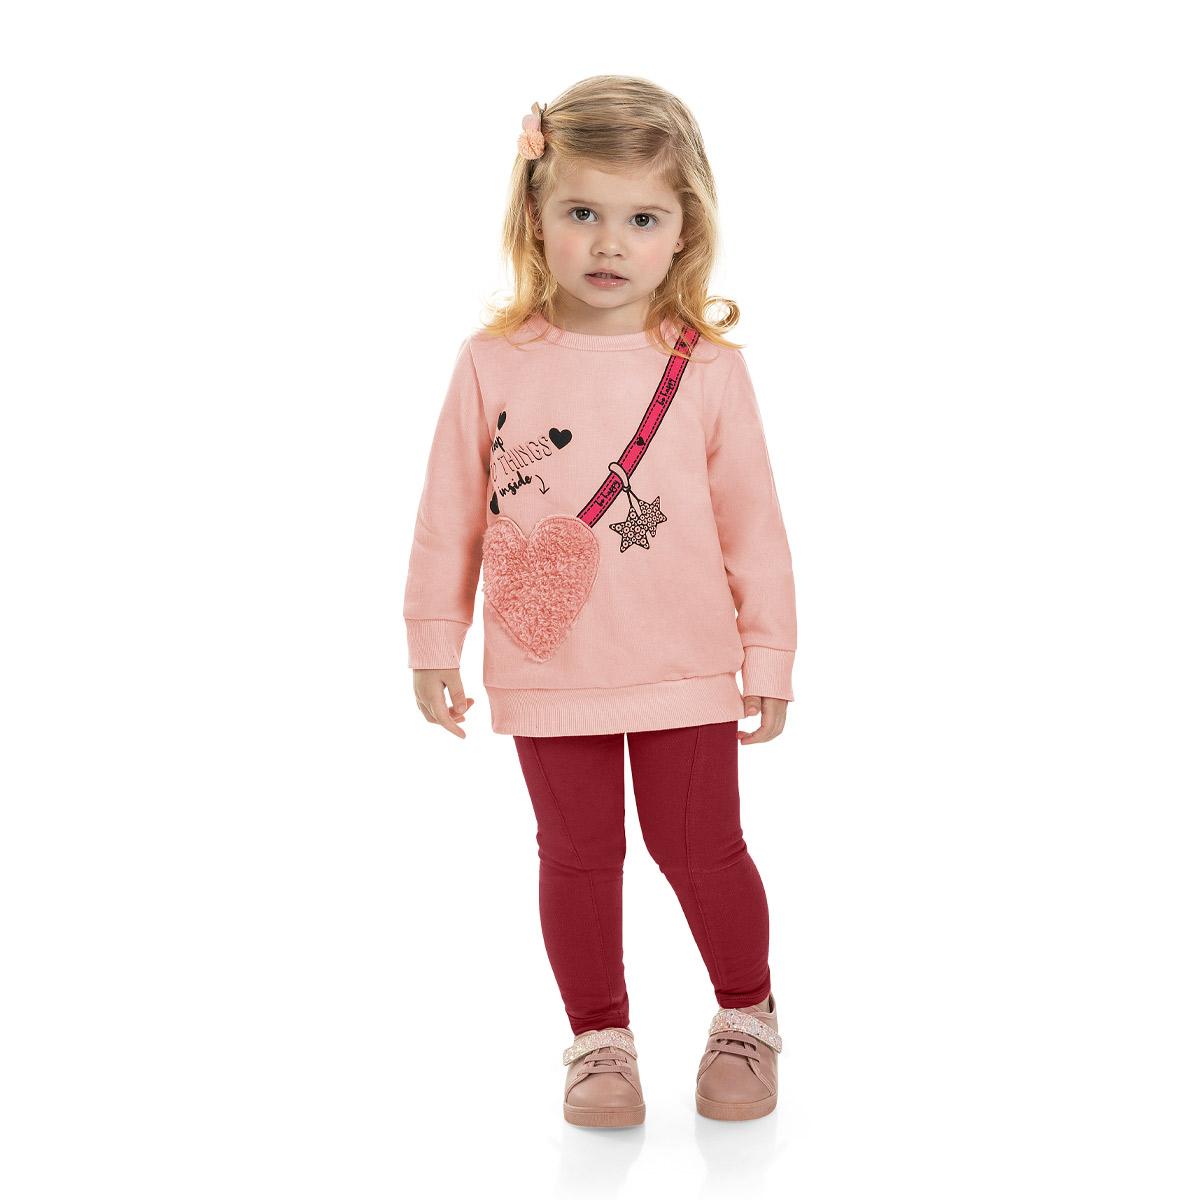 Conjunto Moletom Feminino Infantil Marlan 22546